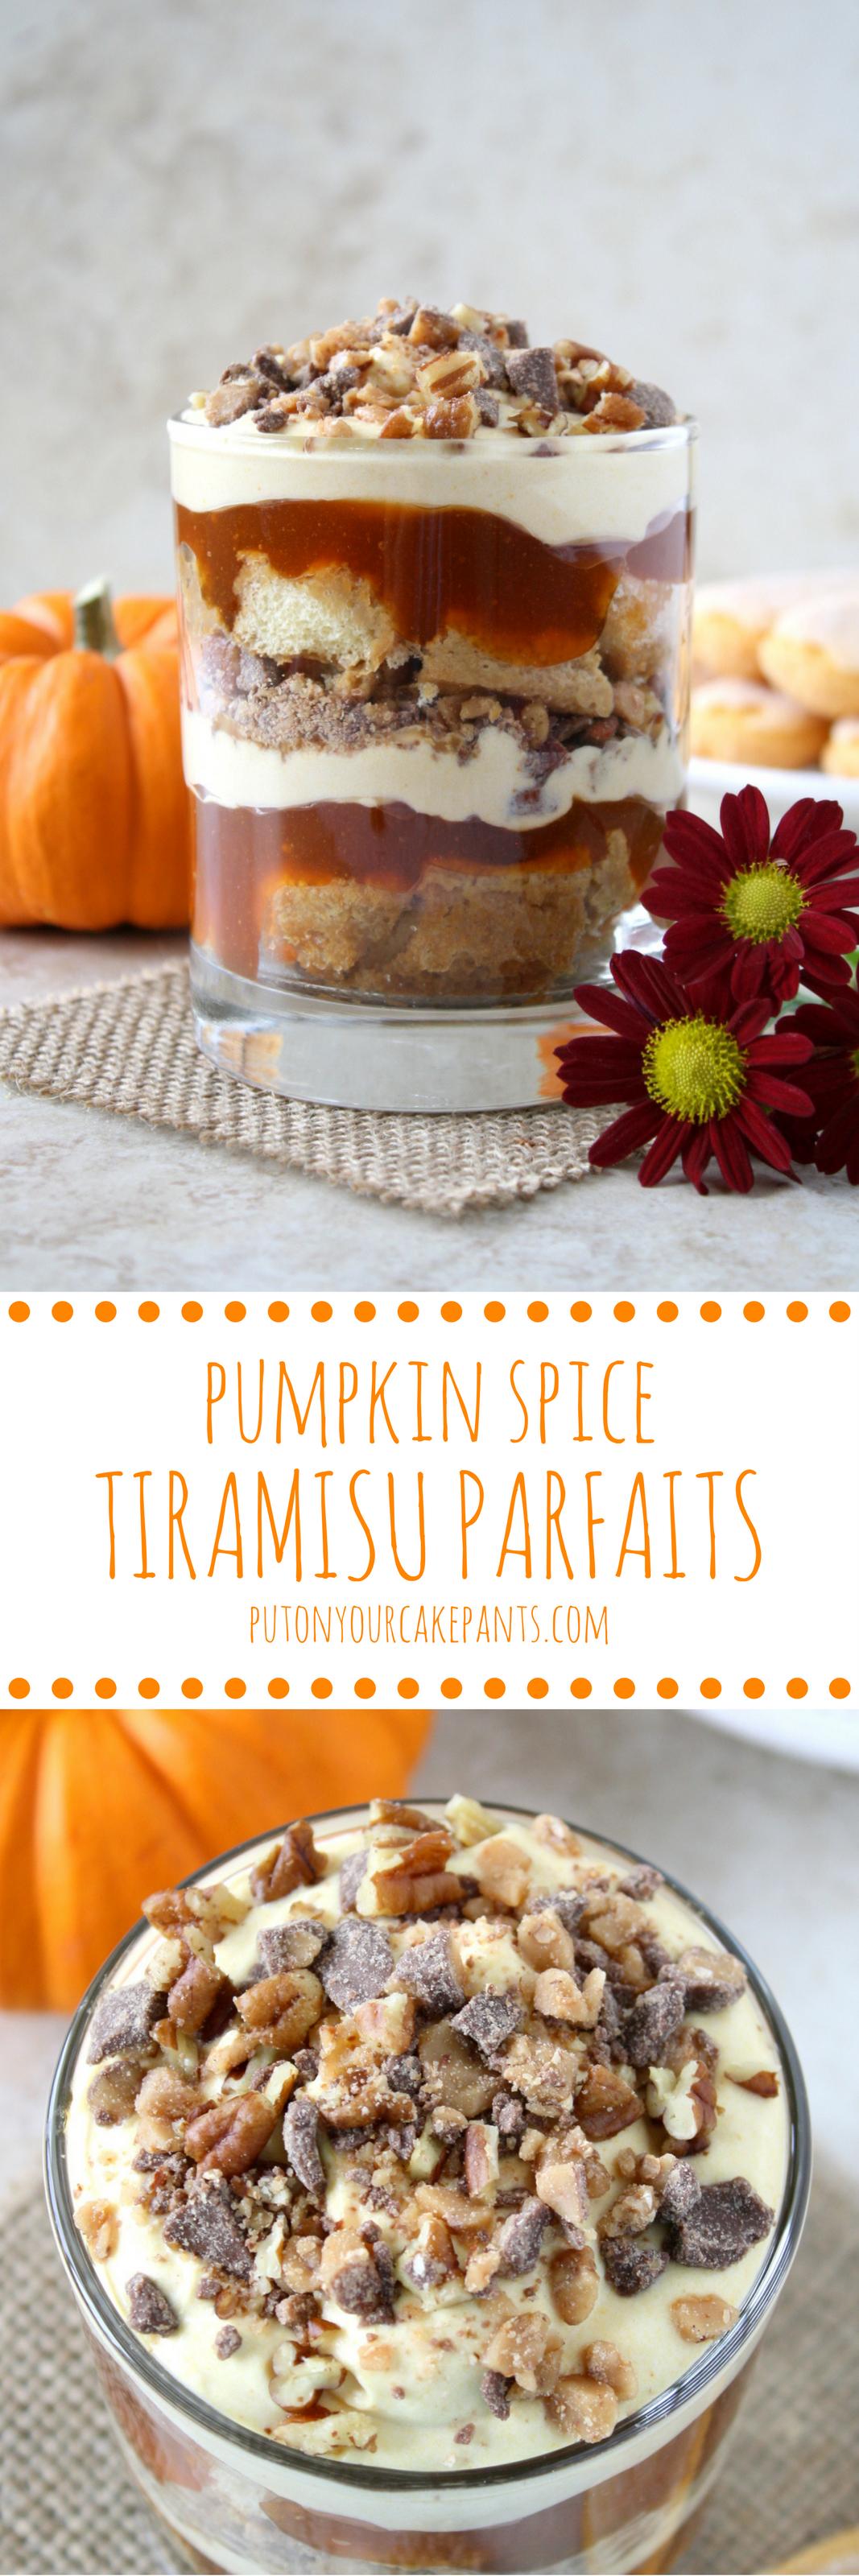 pumpkin spice tiramisu parfaits